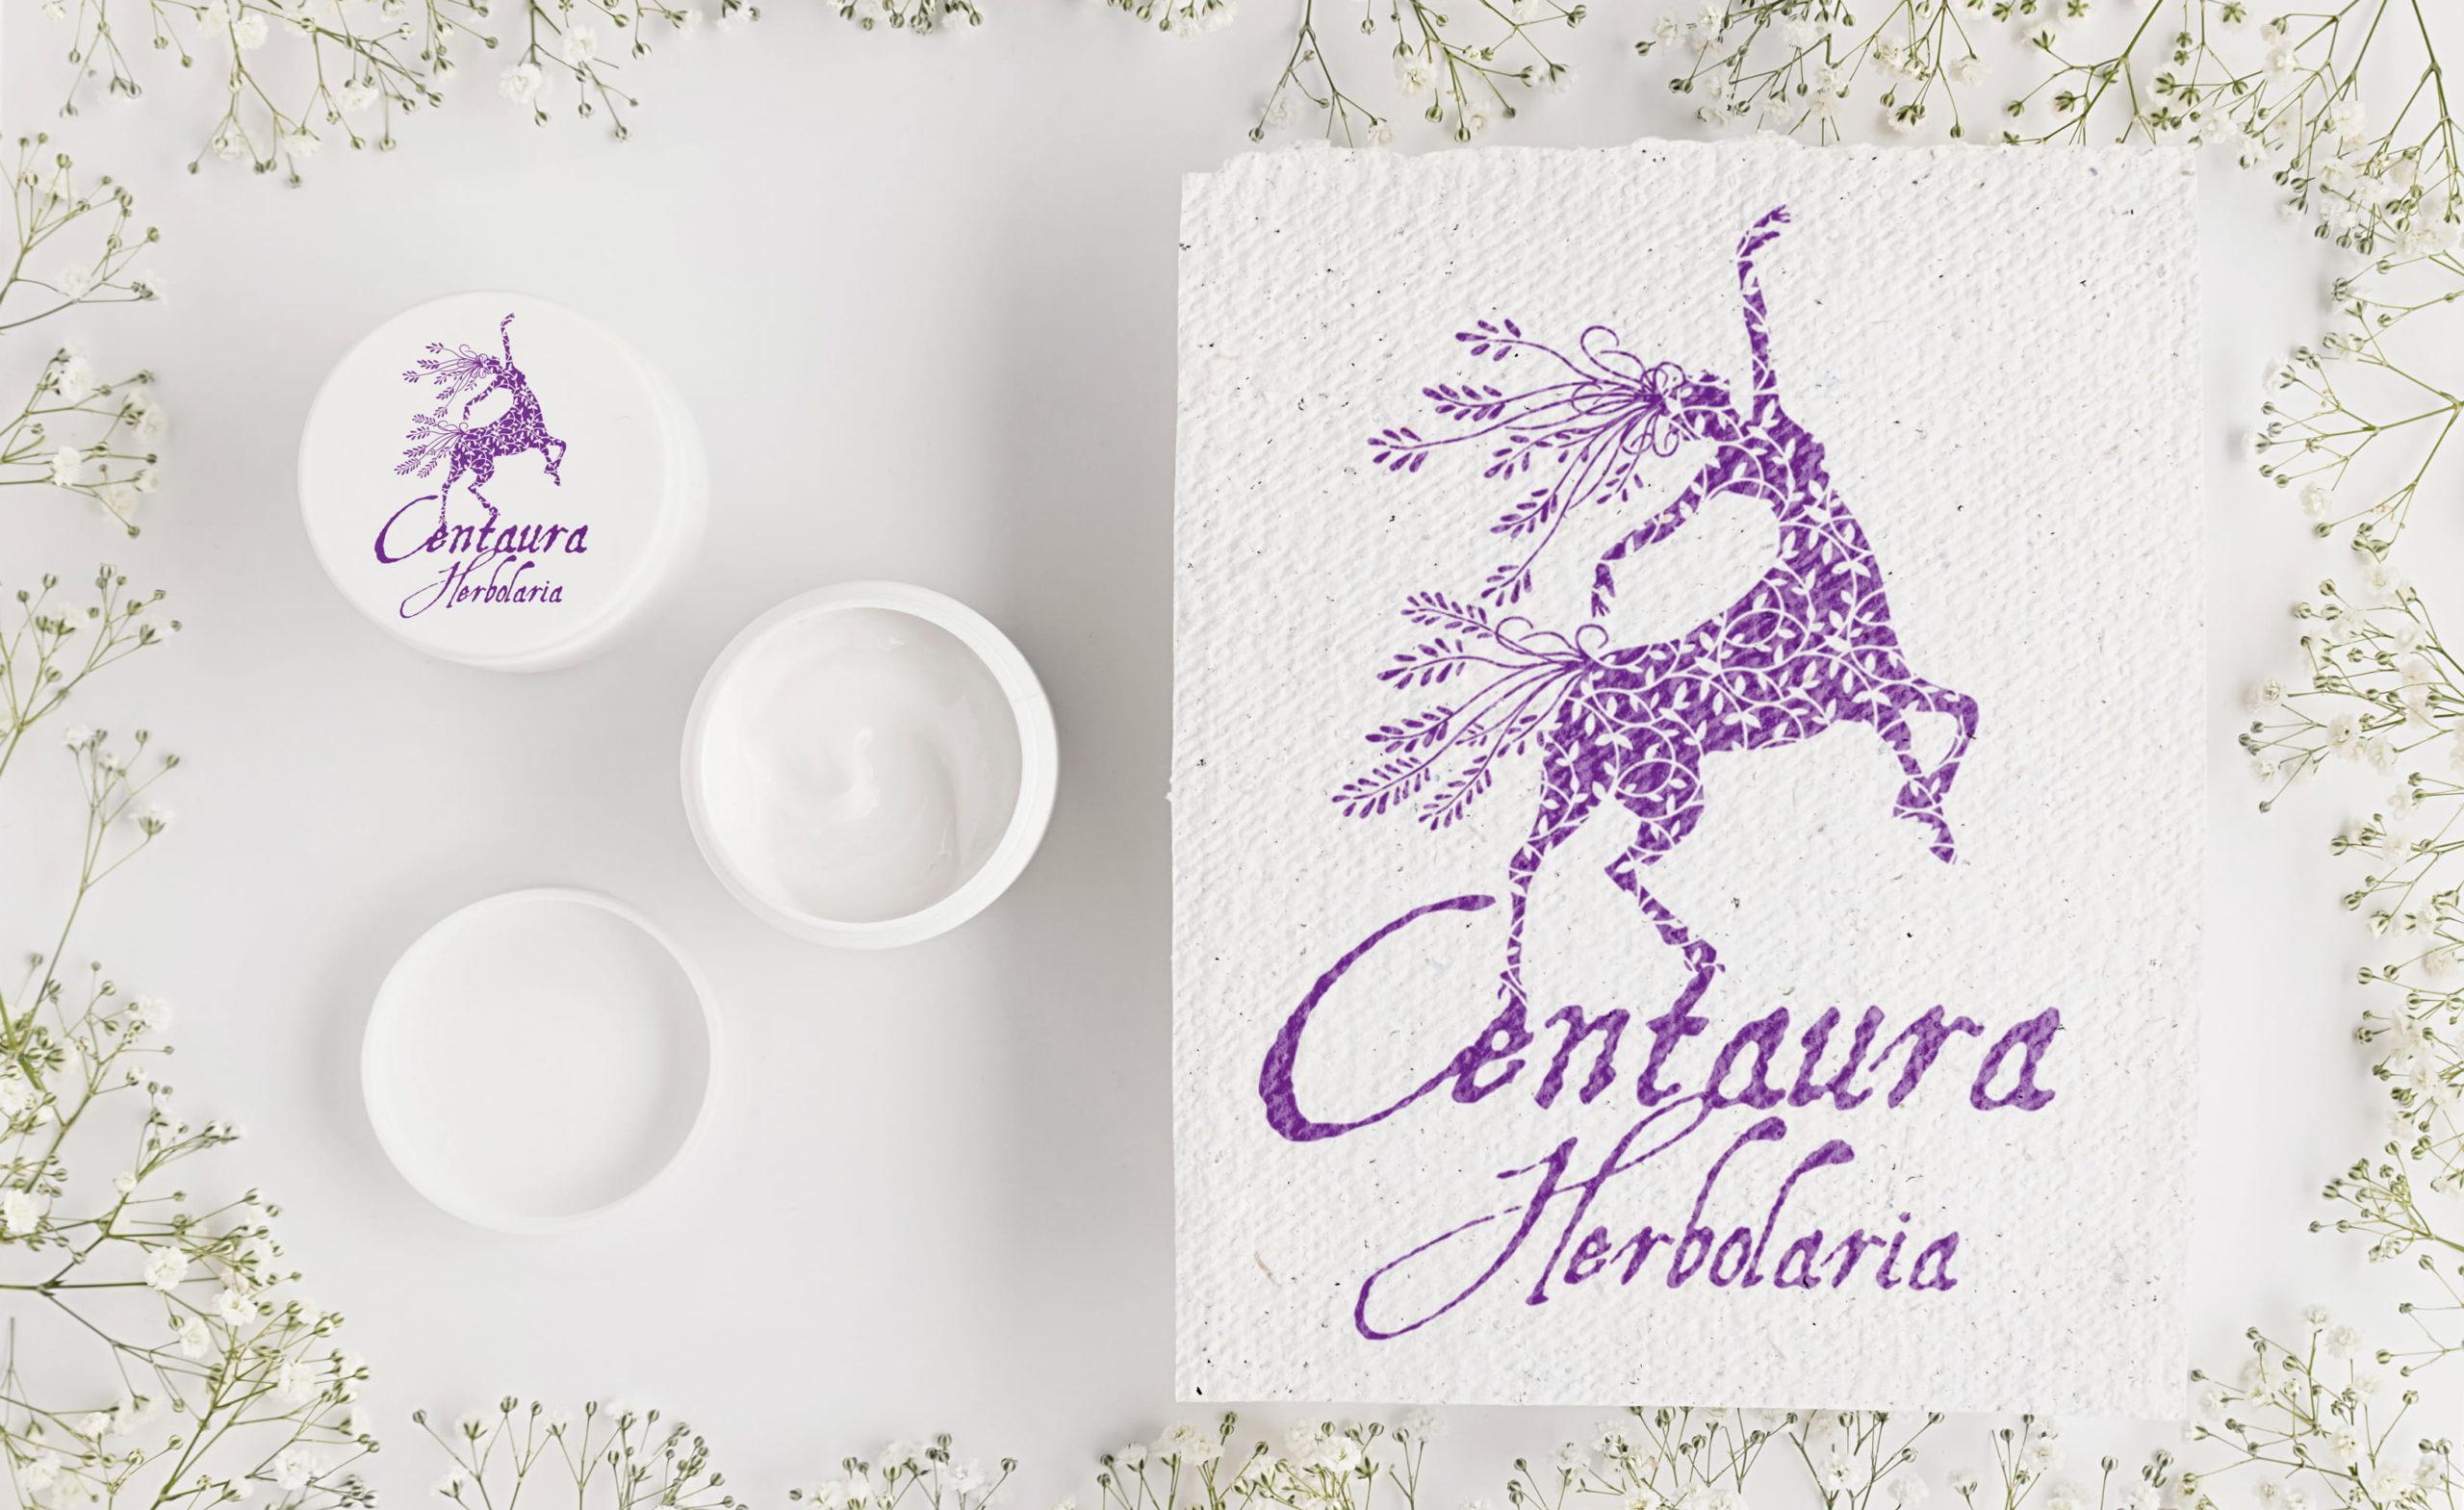 crema centaura herbolaria scaled - Centaura Herbolaria